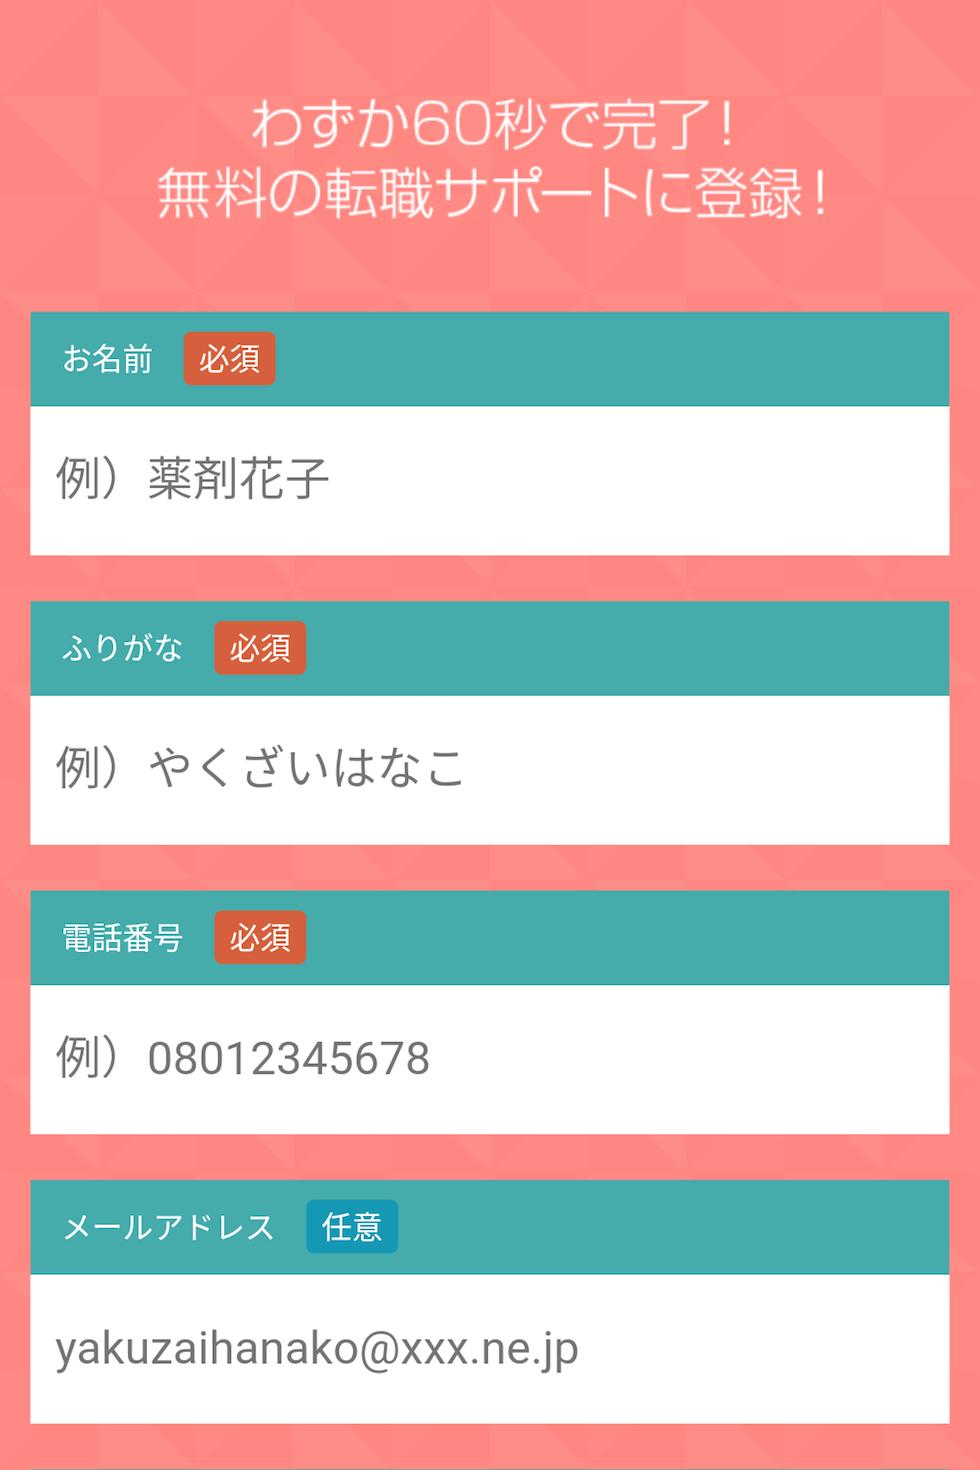 ファーマキャリア登録02